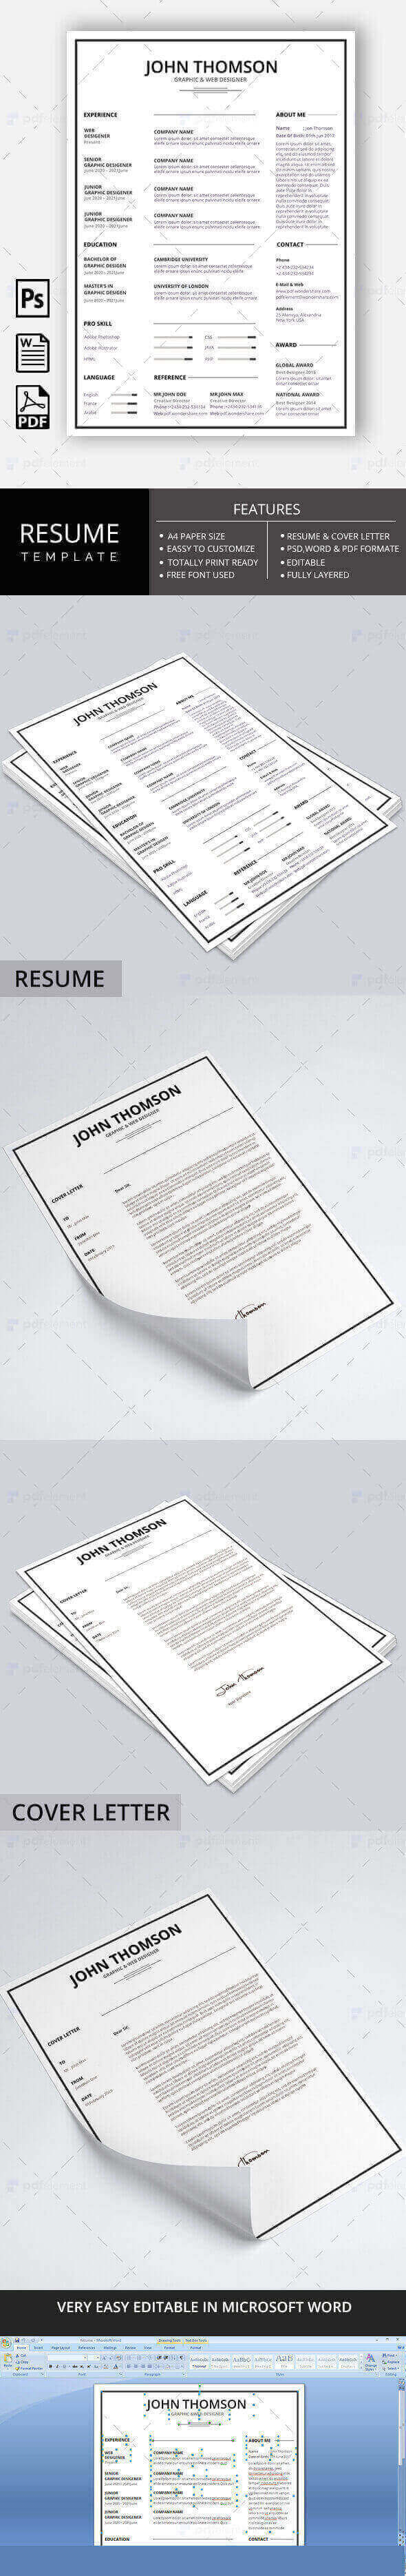 Resume Template - Minimal Simple Lite